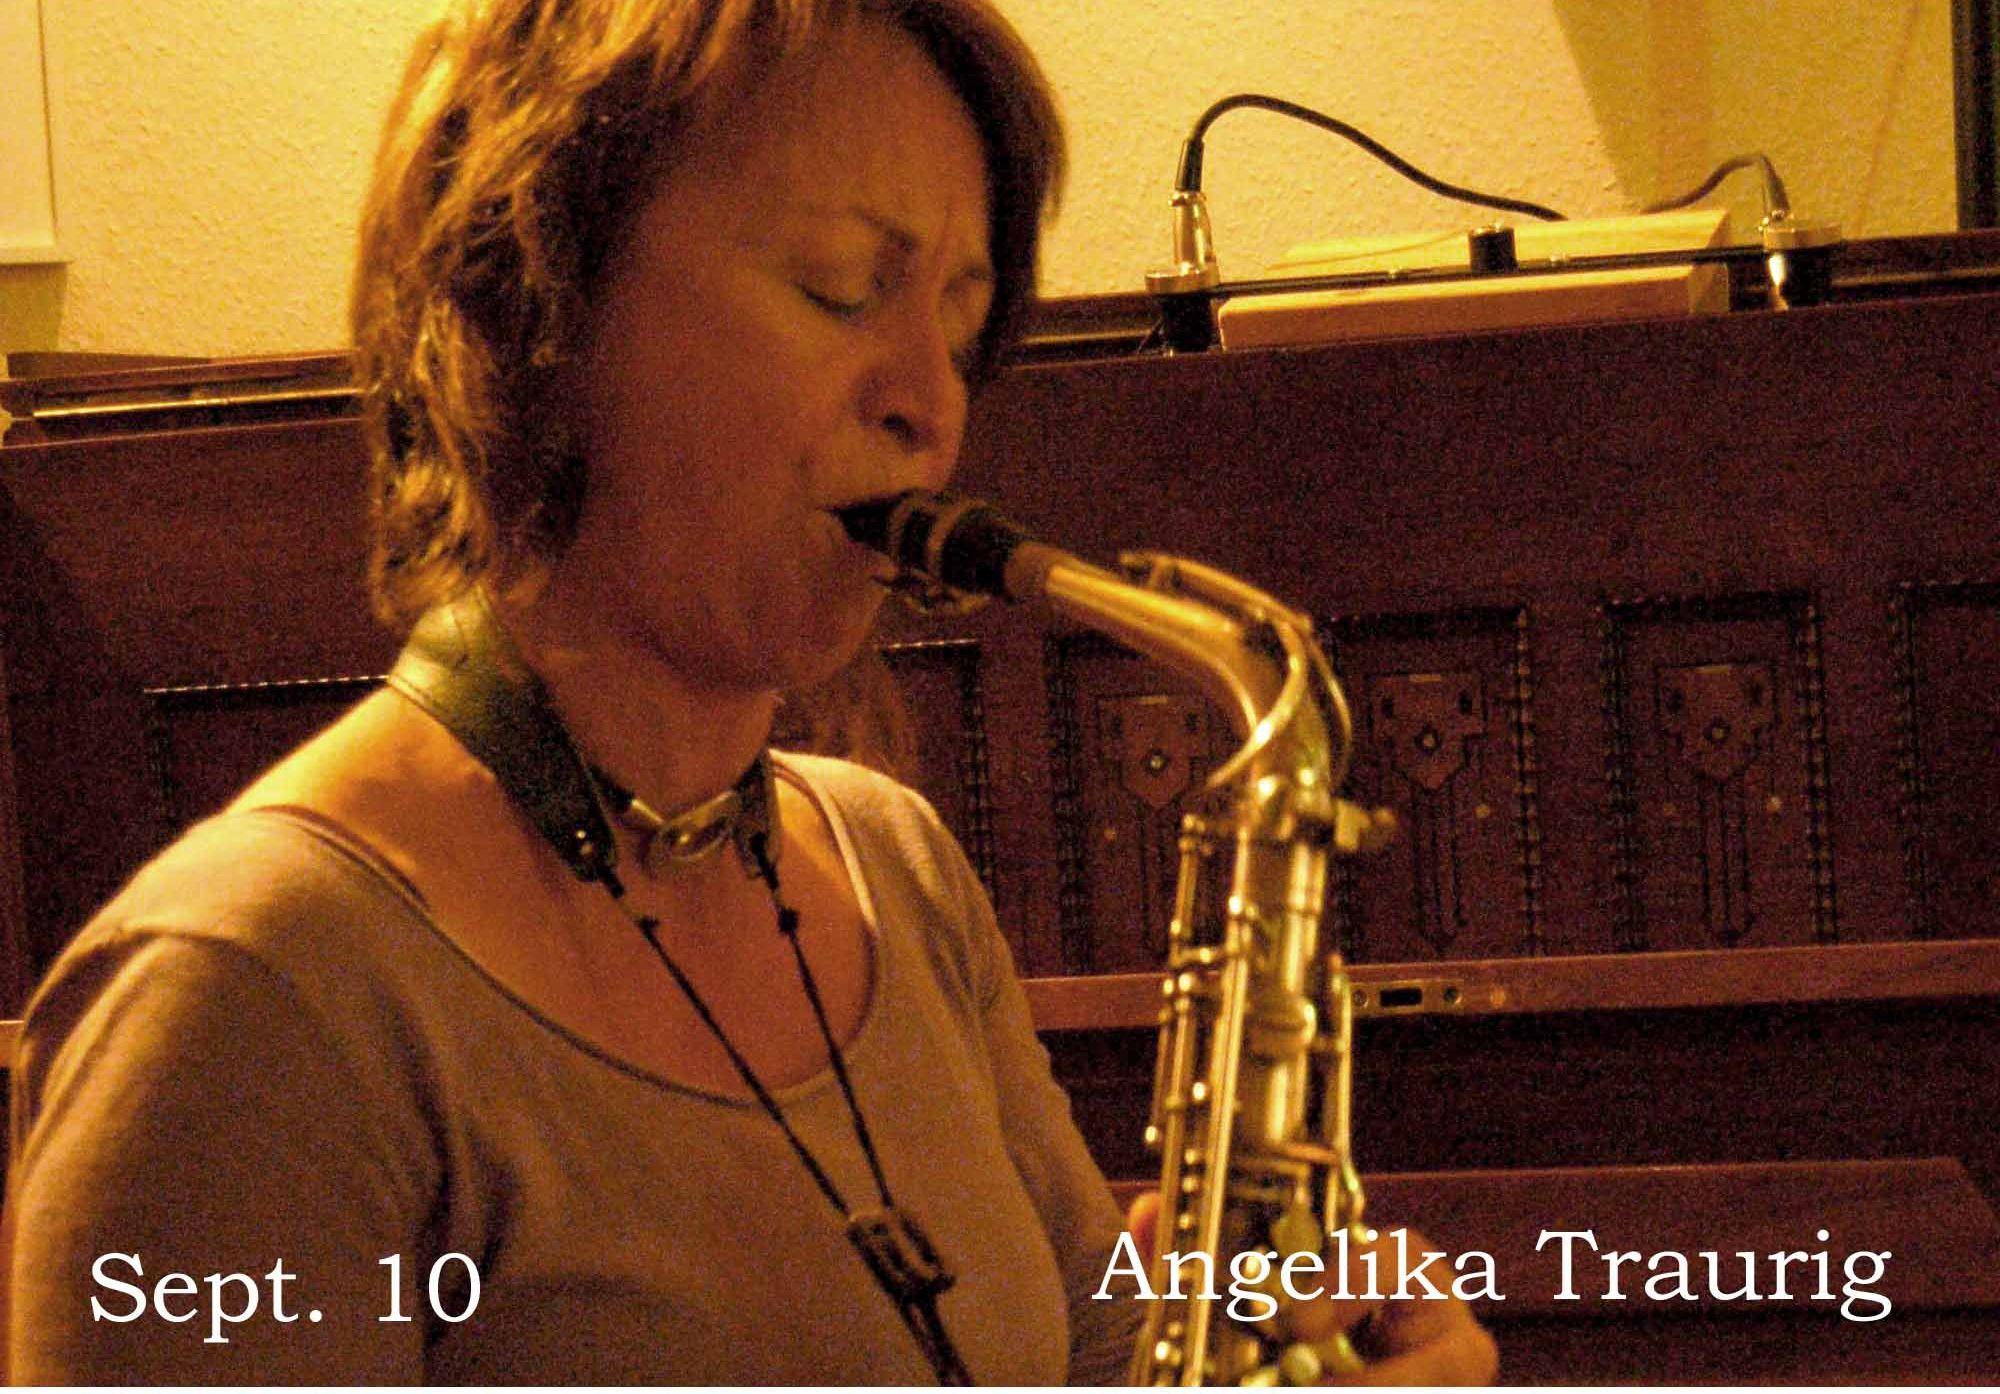 Angelika Traurig